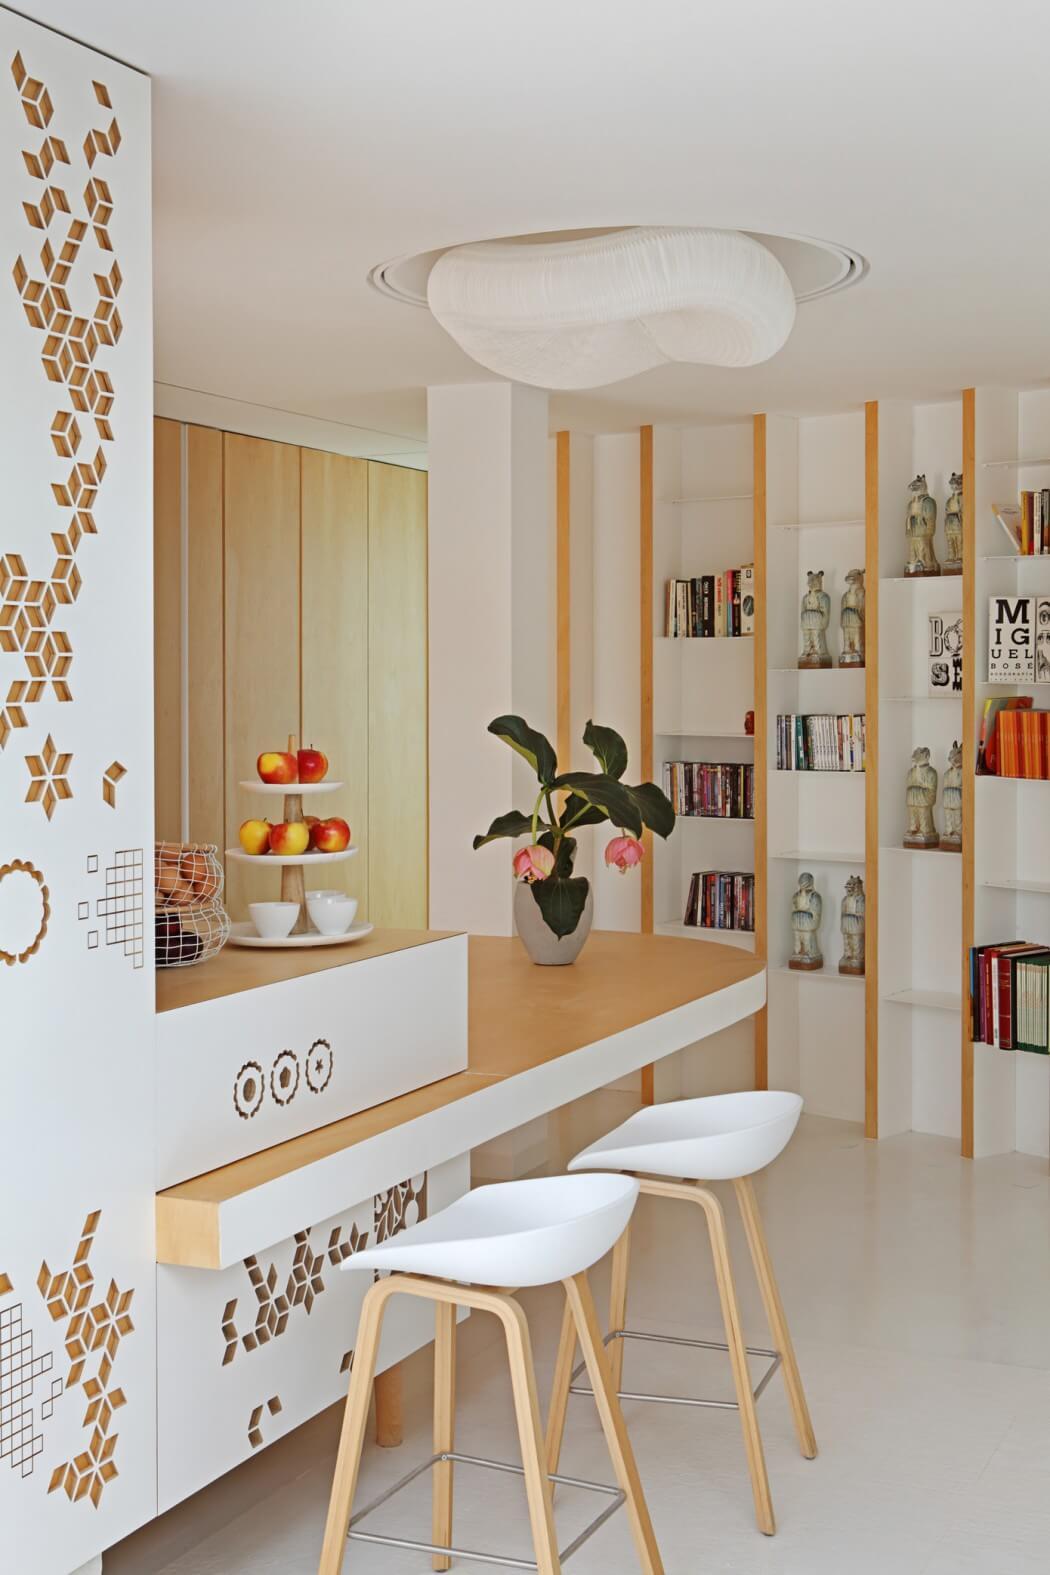 Wohnküche Wandregal Tresen Hocker Holz weiß